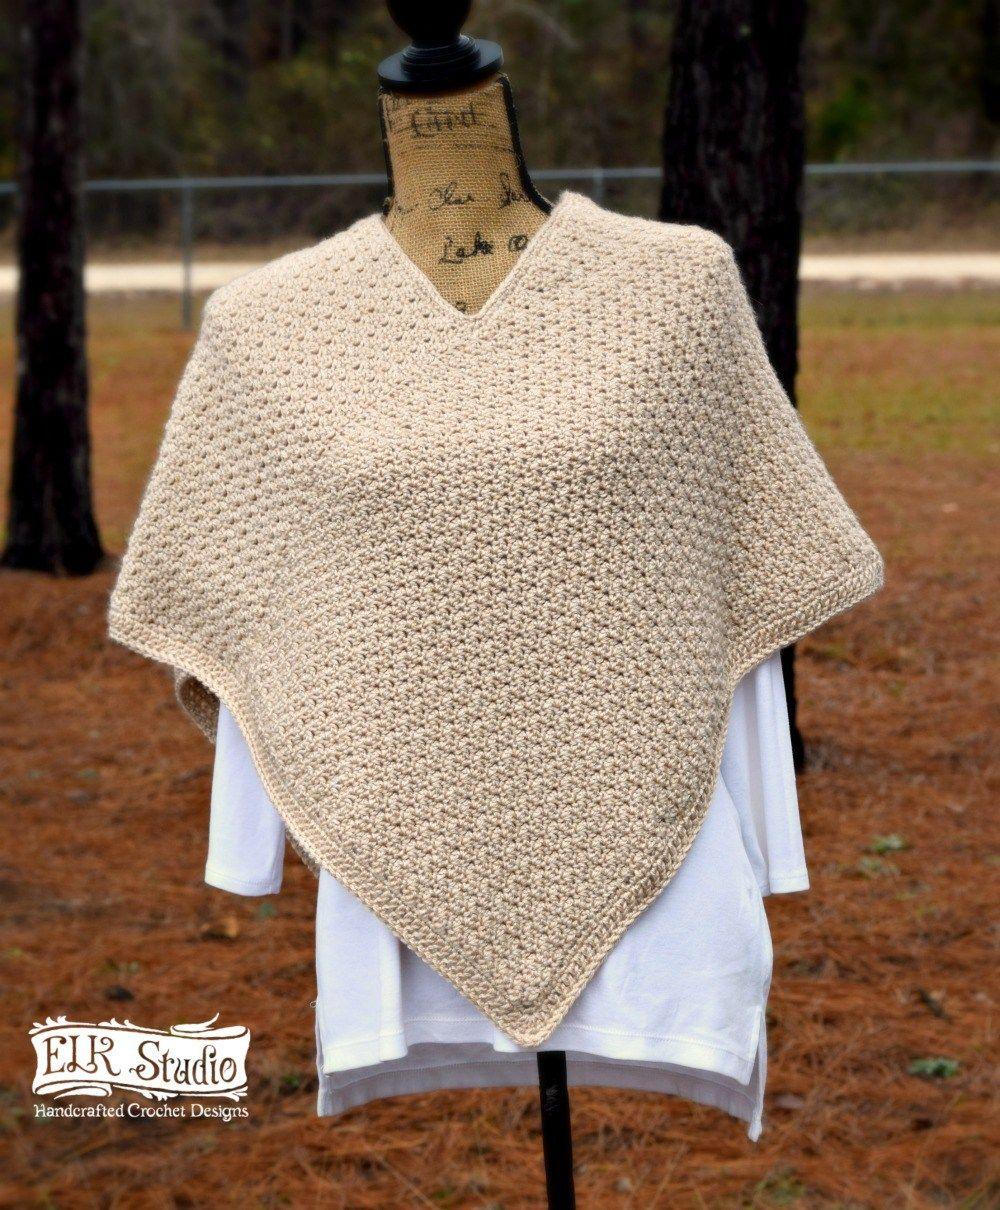 Moongaze Poncho | CrochetHolic - HilariaFina | Pinterest